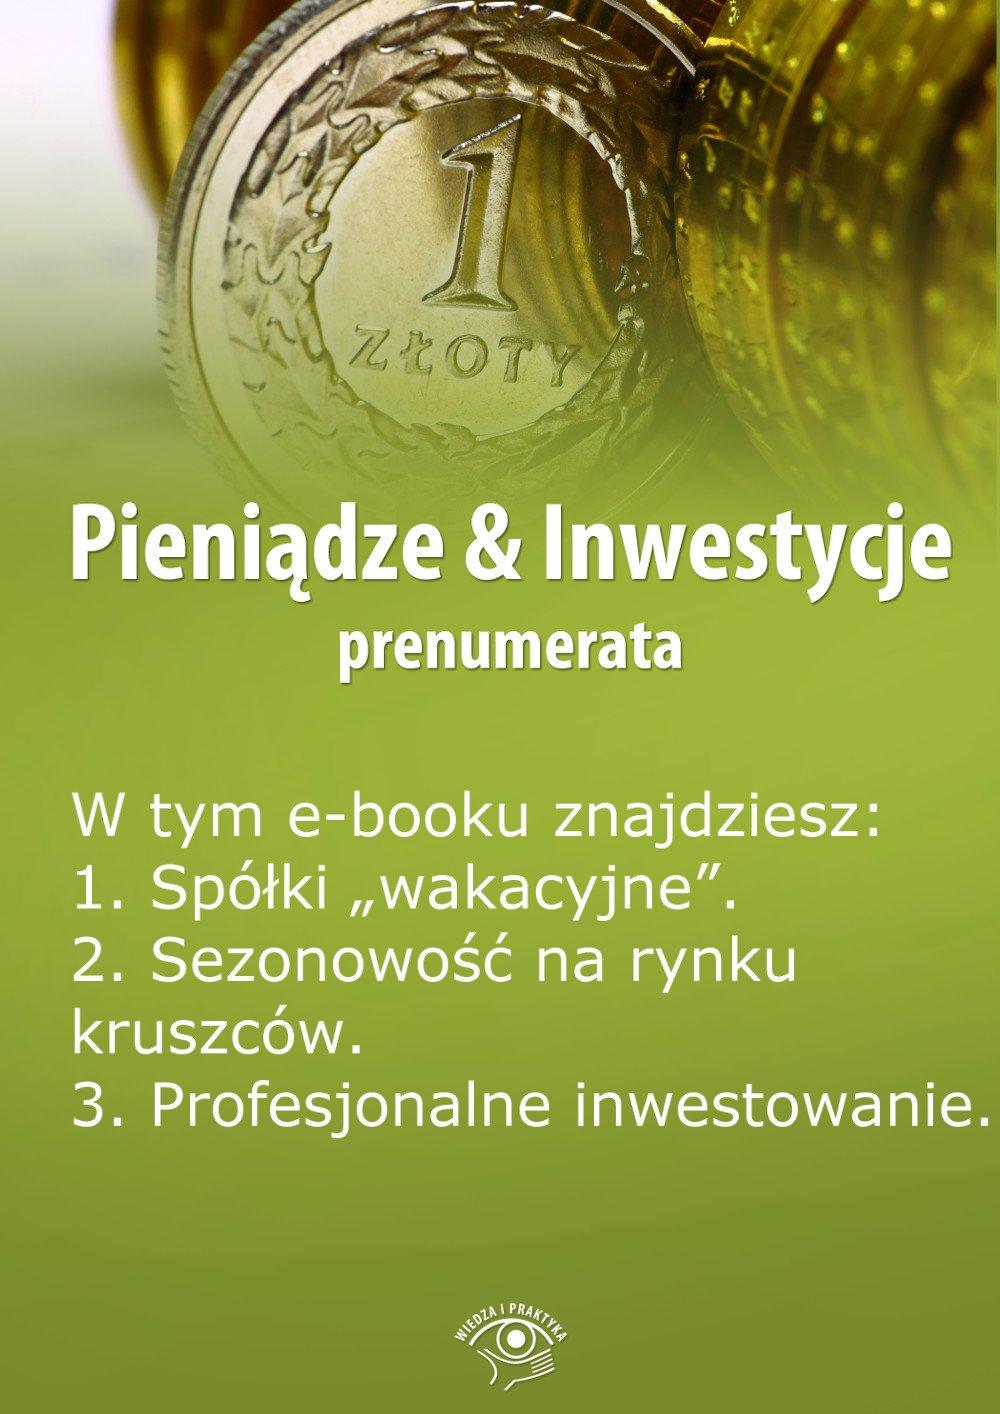 Pieniądze & Inwestycje. Wydanie specjalne czerwiec 2014 r. - Ebook (Książka na Kindle) do pobrania w formacie MOBI